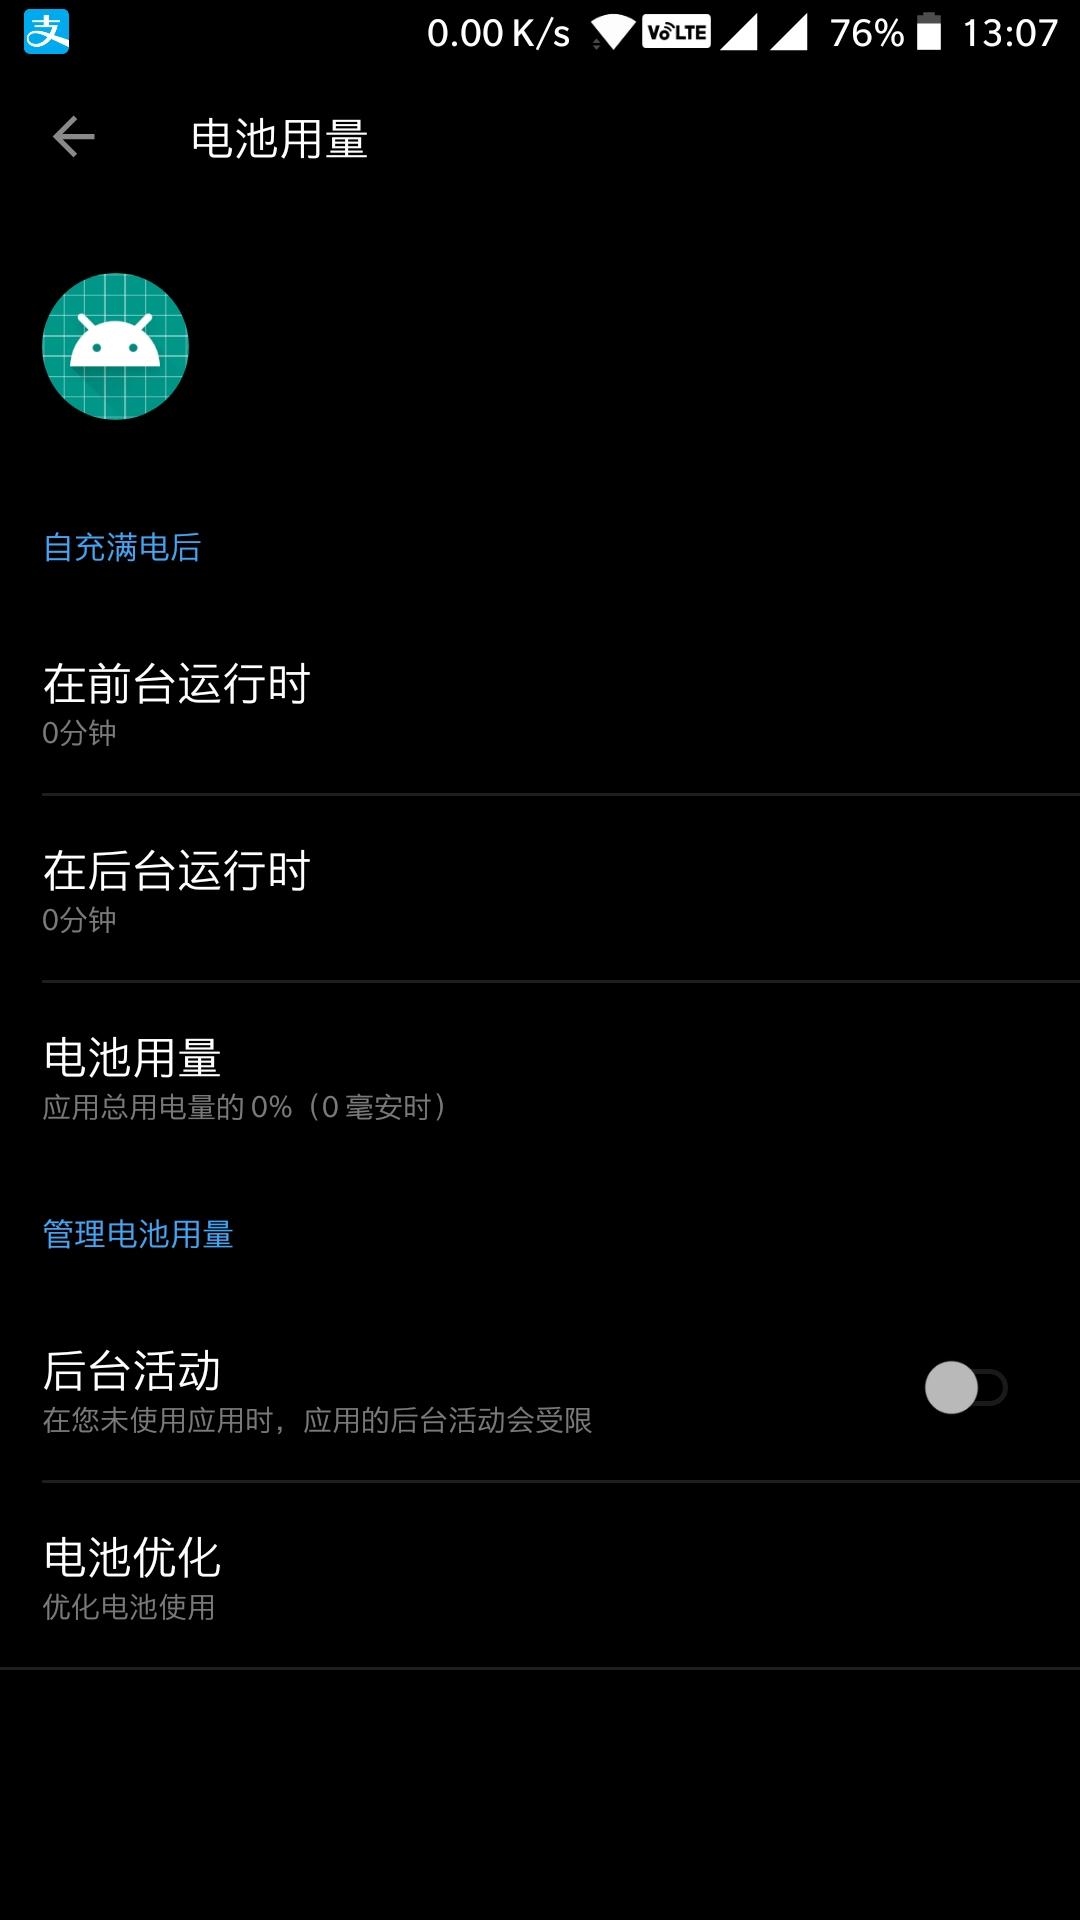 Screenshot_20180417-130744.jpg